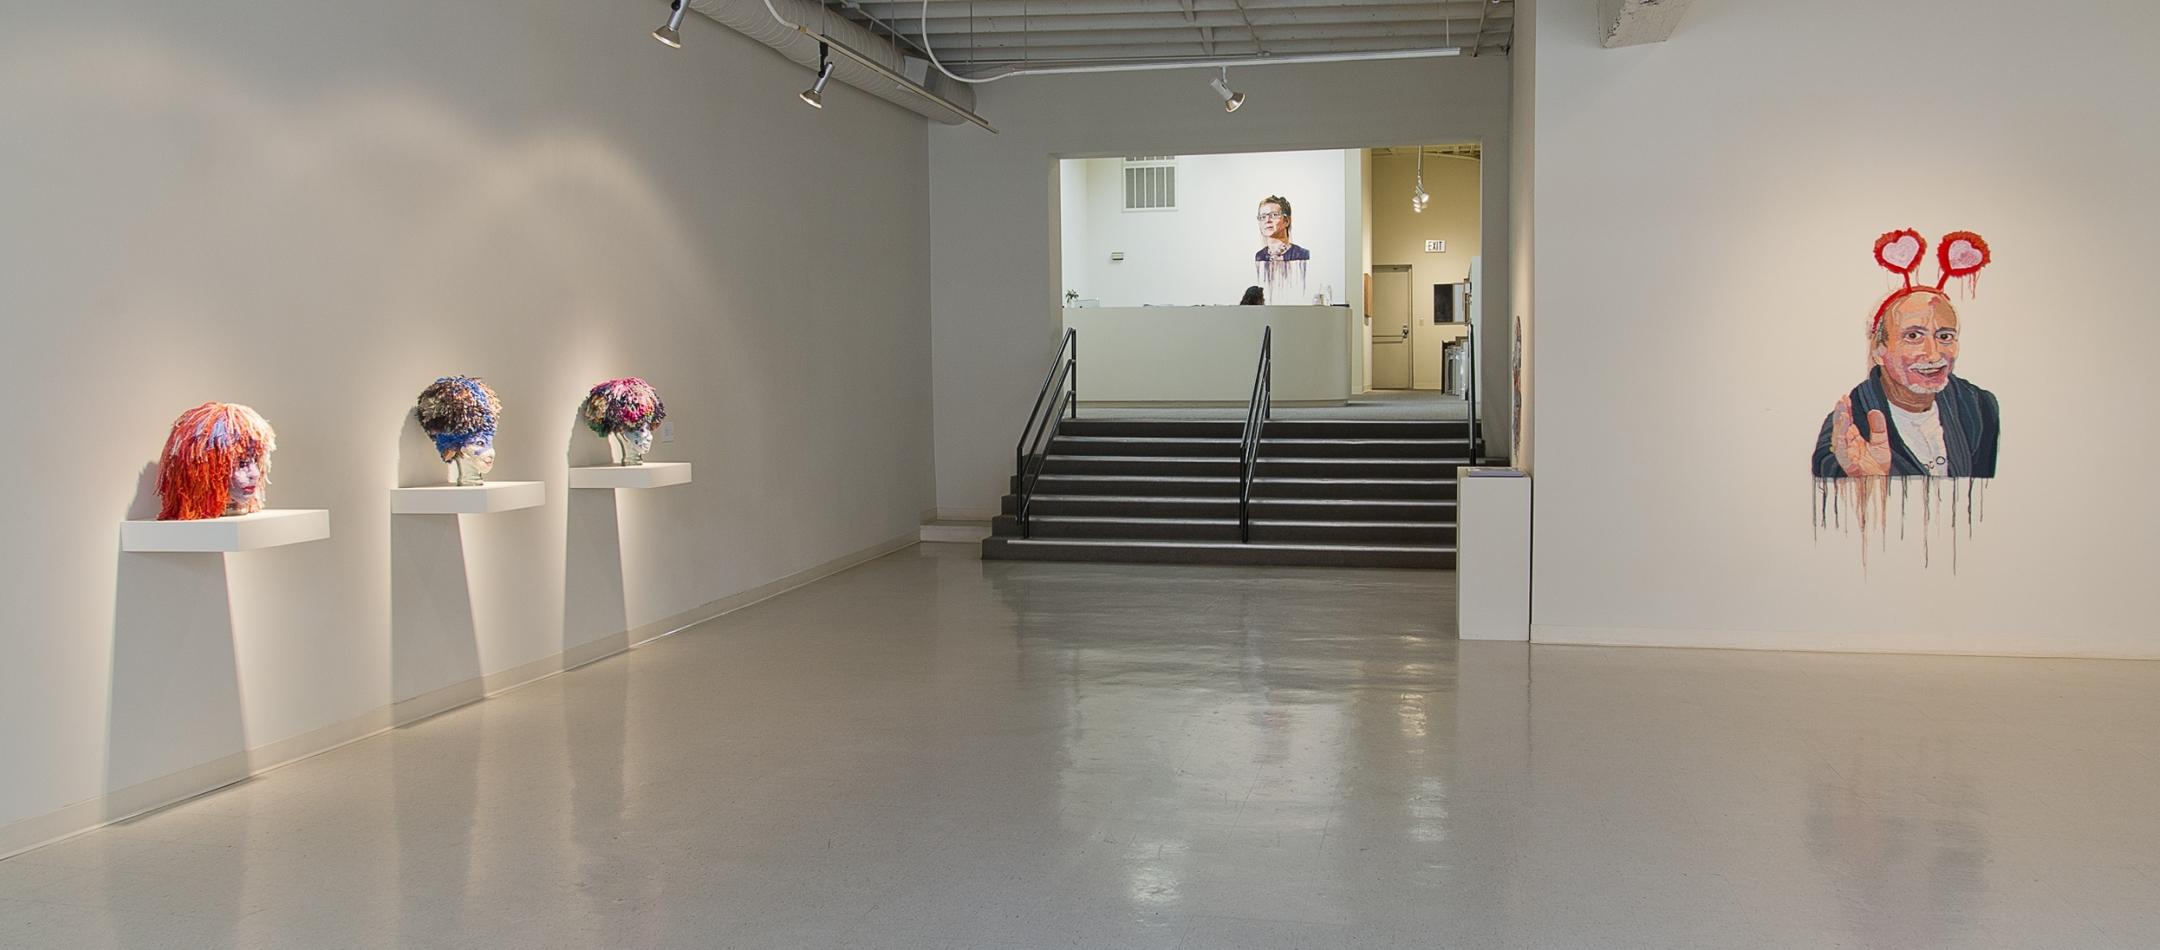 Jo Hamilton installation at Laura Russo Gallery